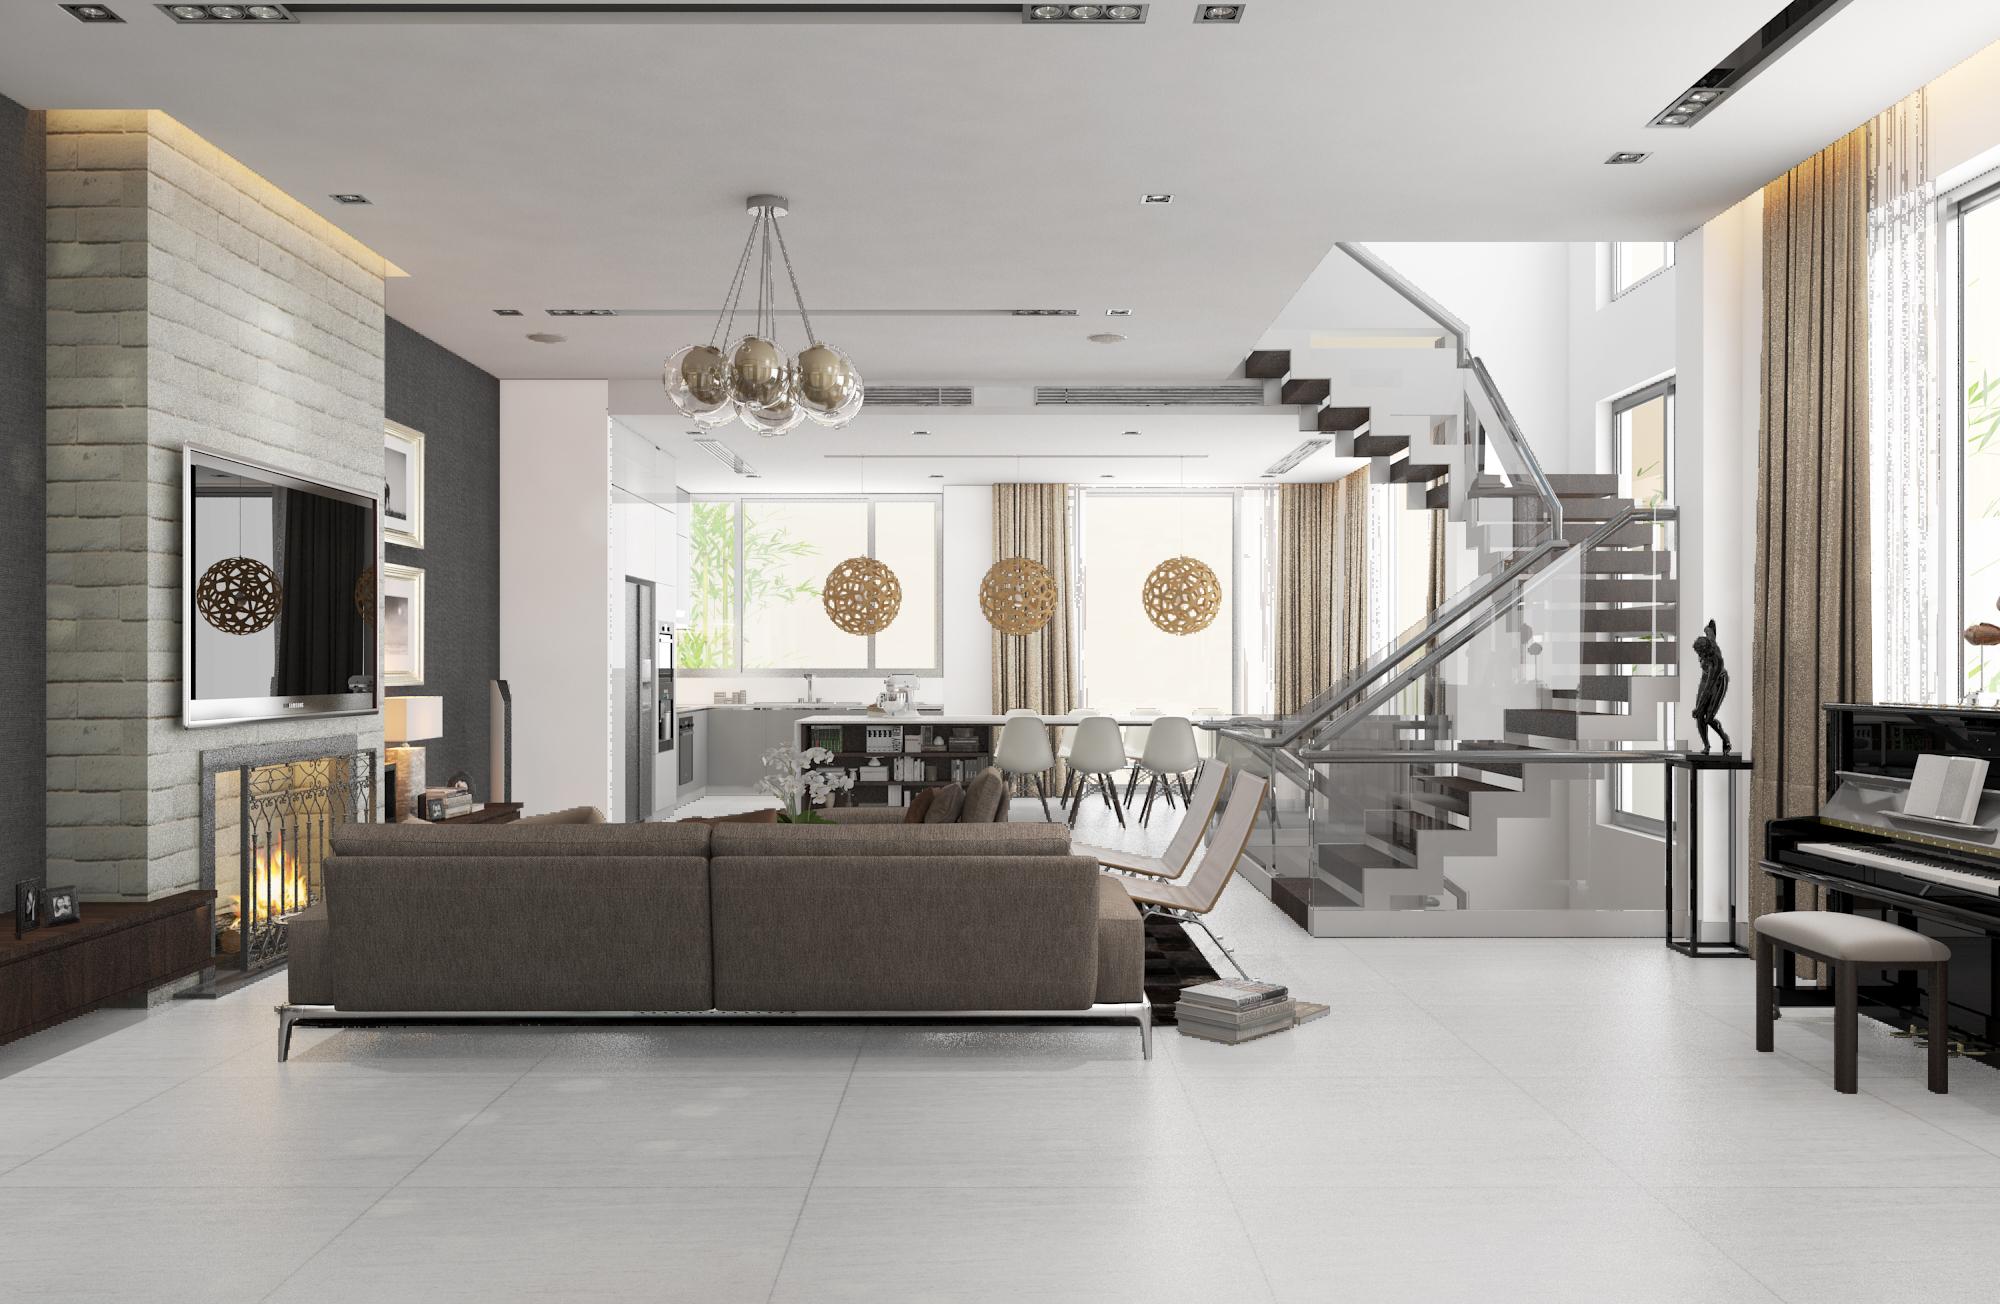 thiết kế nội thất Biệt Thự tại Hà Nội bt Vinhomes - riverside 15 1568085348